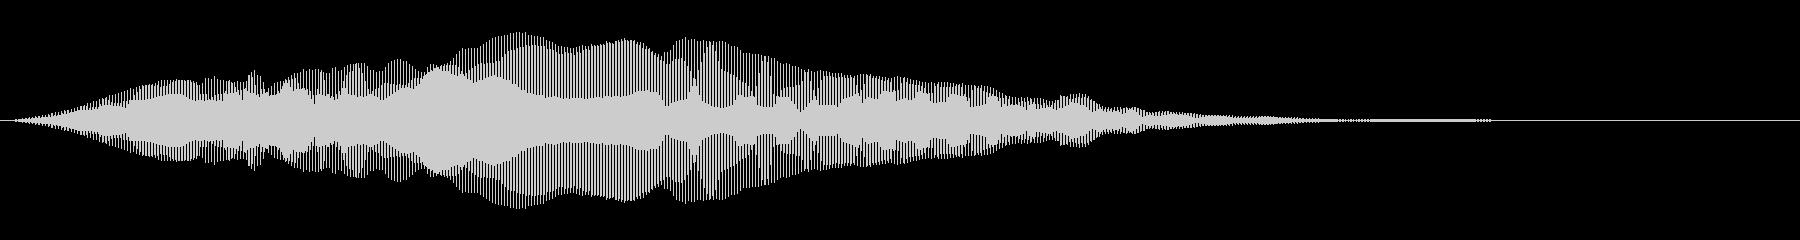 ニャーン 猫の鳴き声(甘え&短め)の未再生の波形